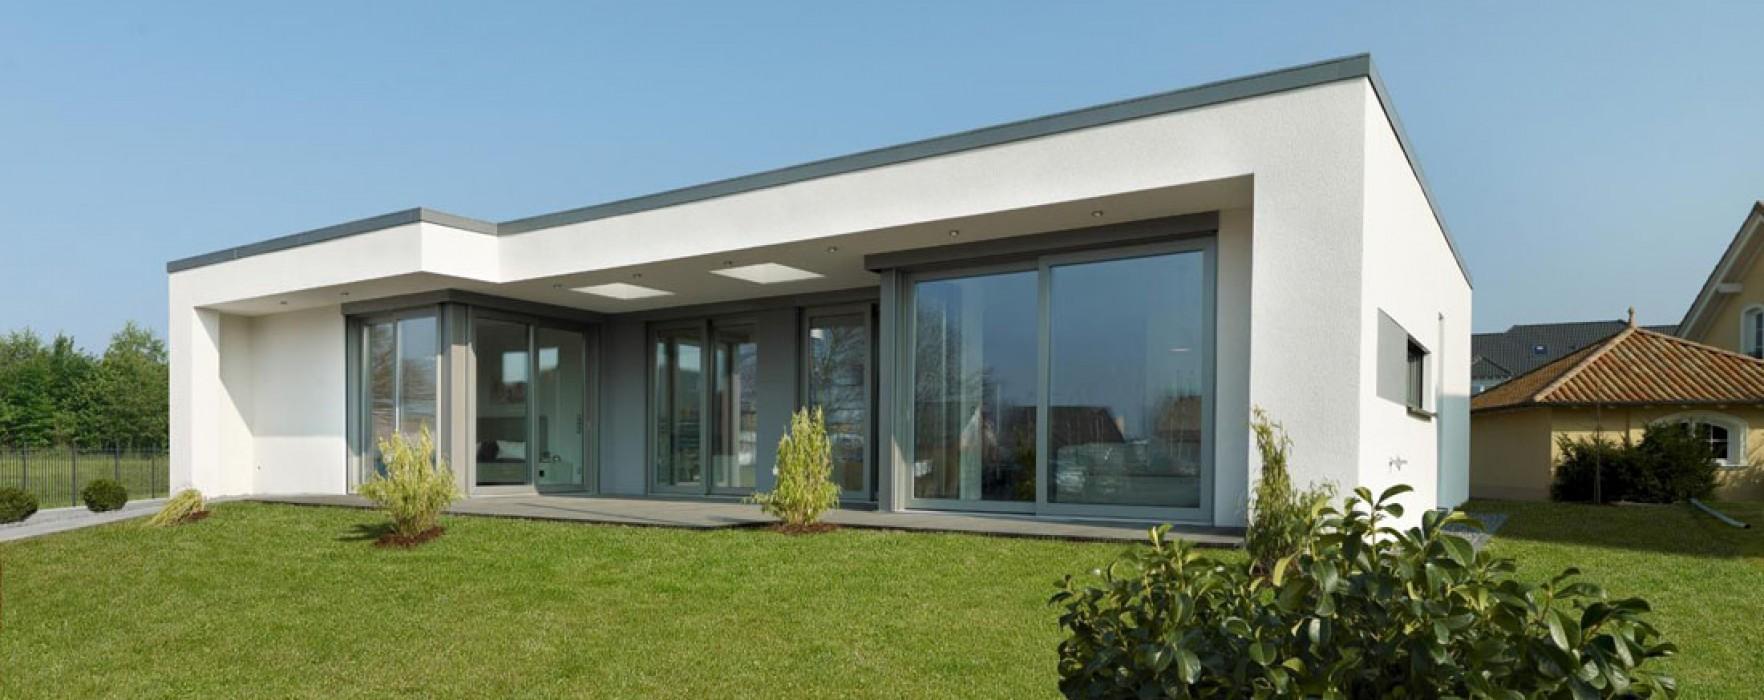 Impianti termici per una casa in x lam - Casa prefabbricata moderna ...